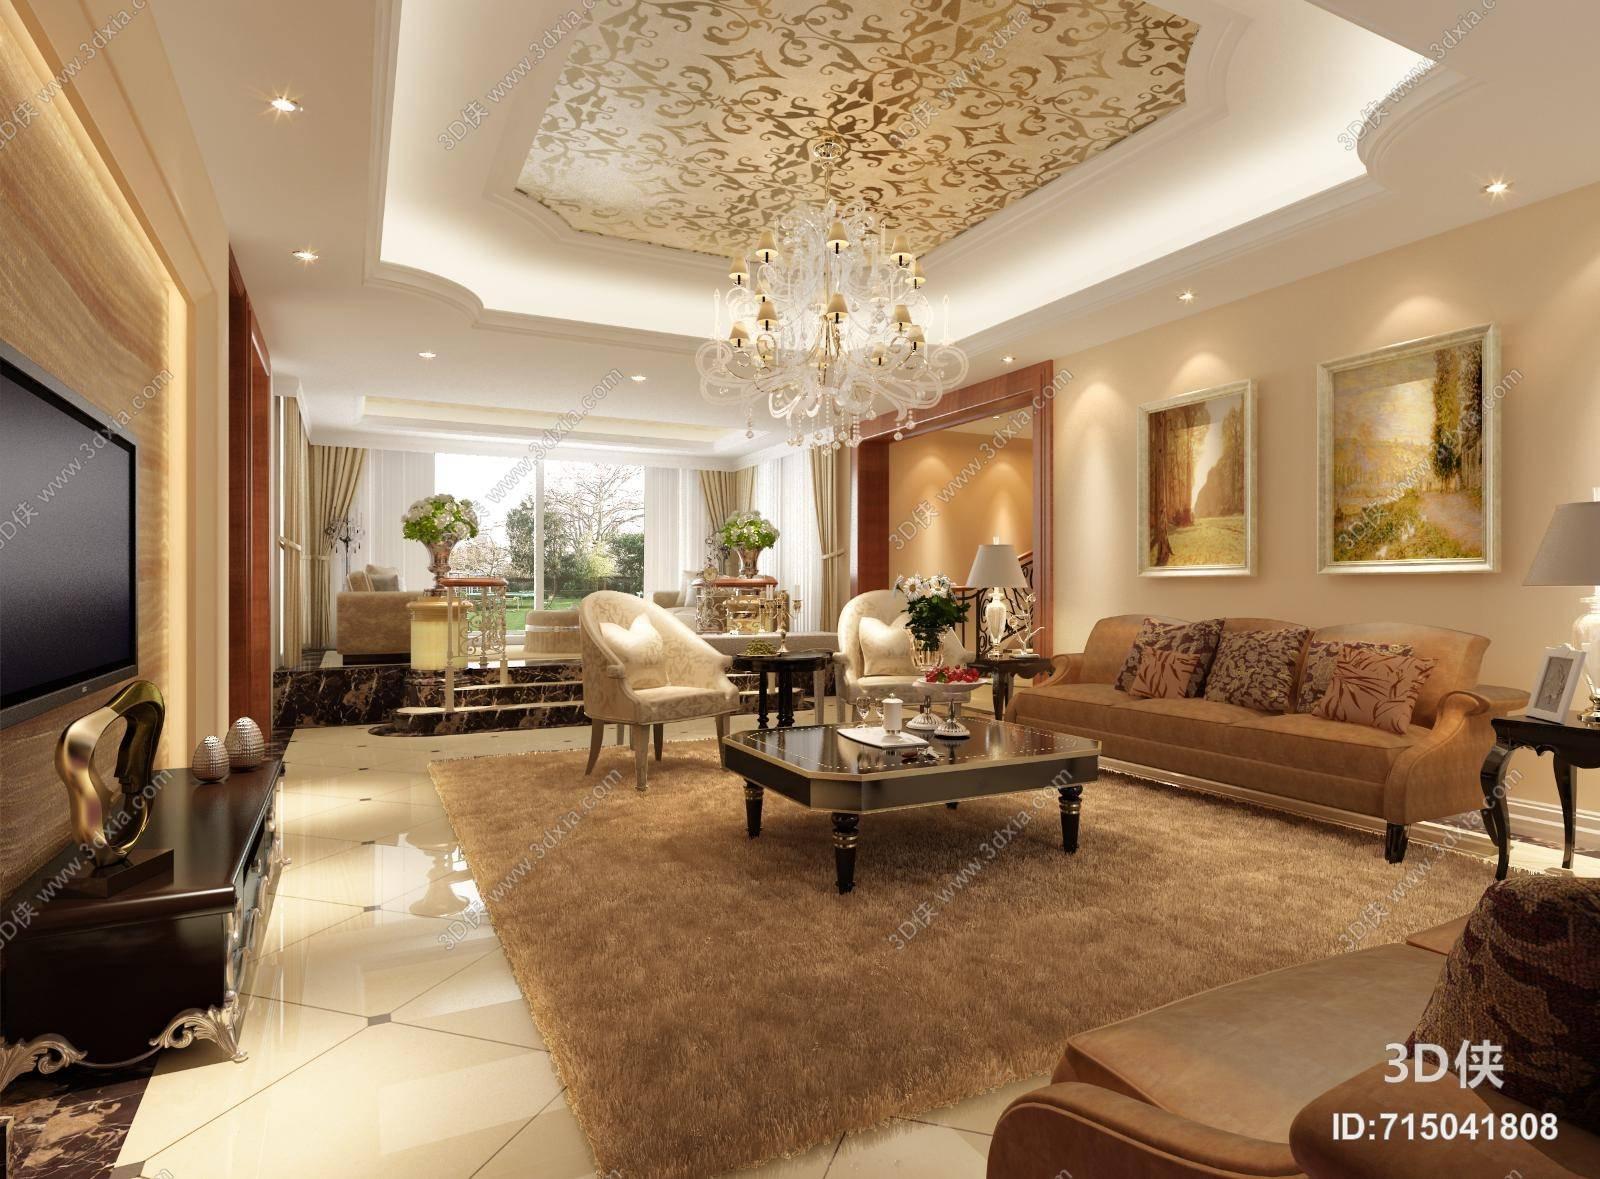 欧式简约别墅客厅 欧式简约白色吊灯 欧式简约家居茶几 欧式简约布艺